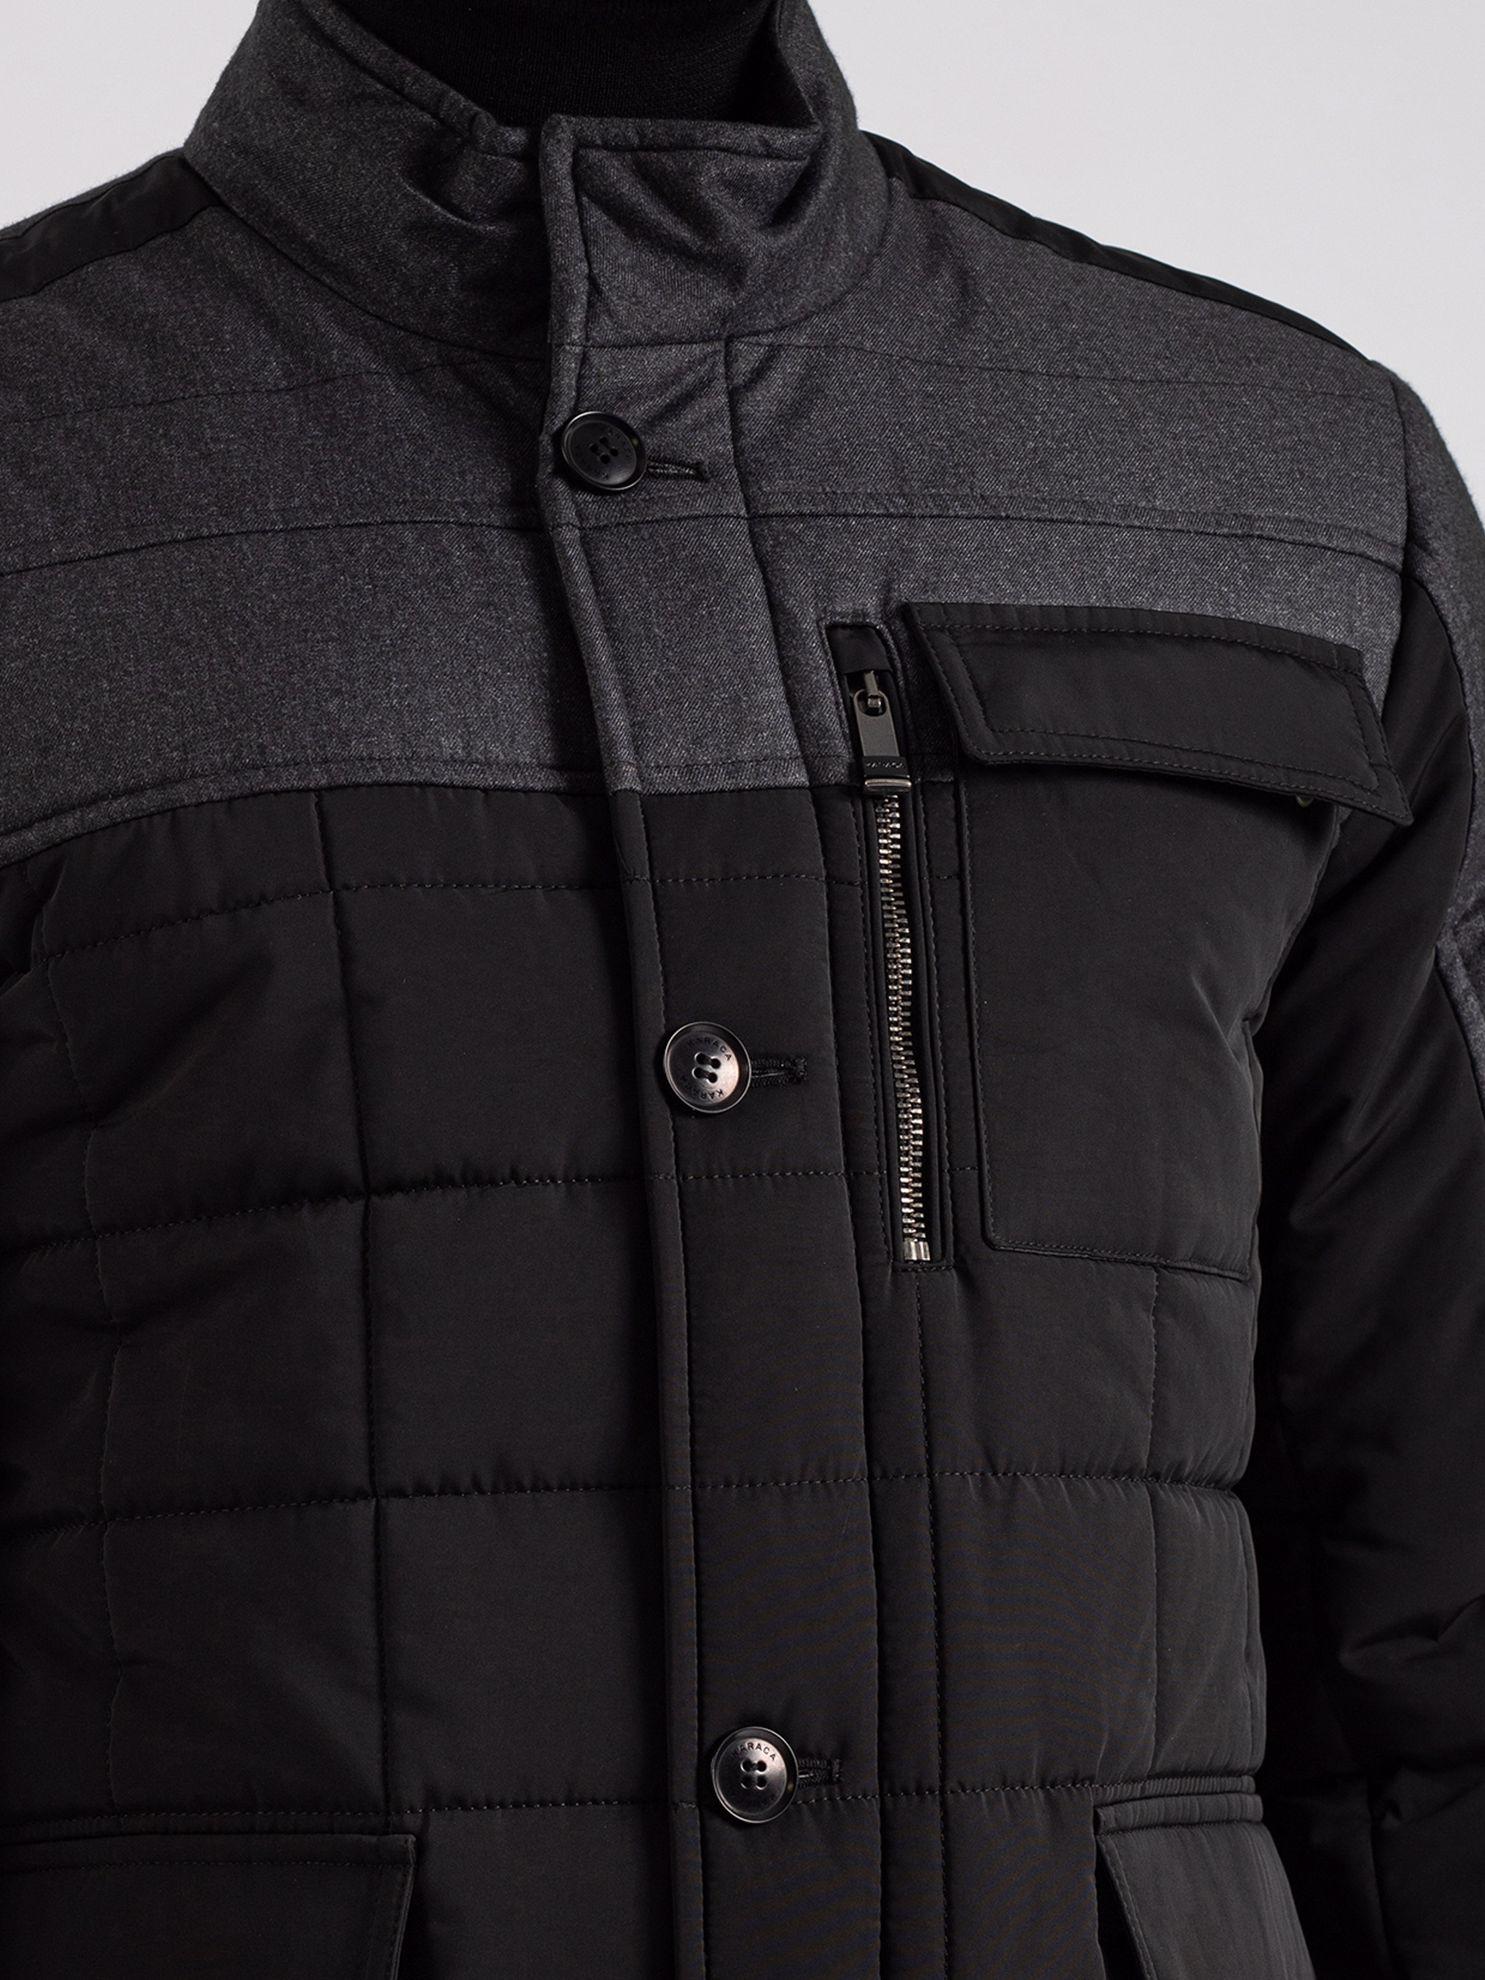 Karaca Erkek Mont-Siyah. ürün görseli